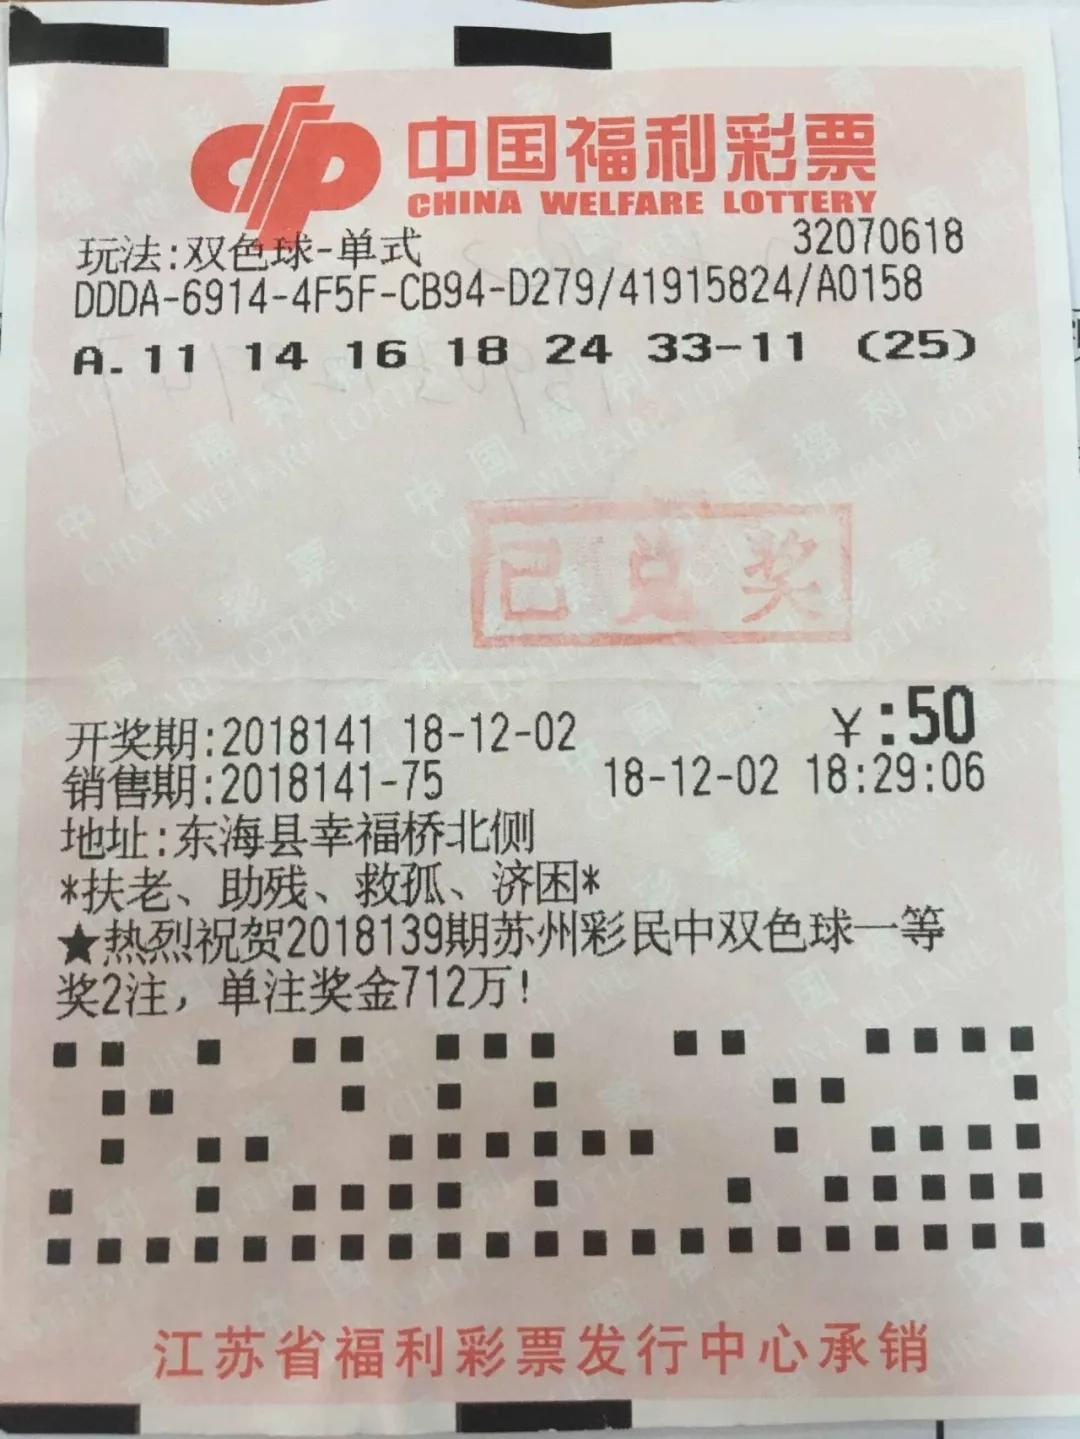 622万元福彩双色球大奖惊现东海!